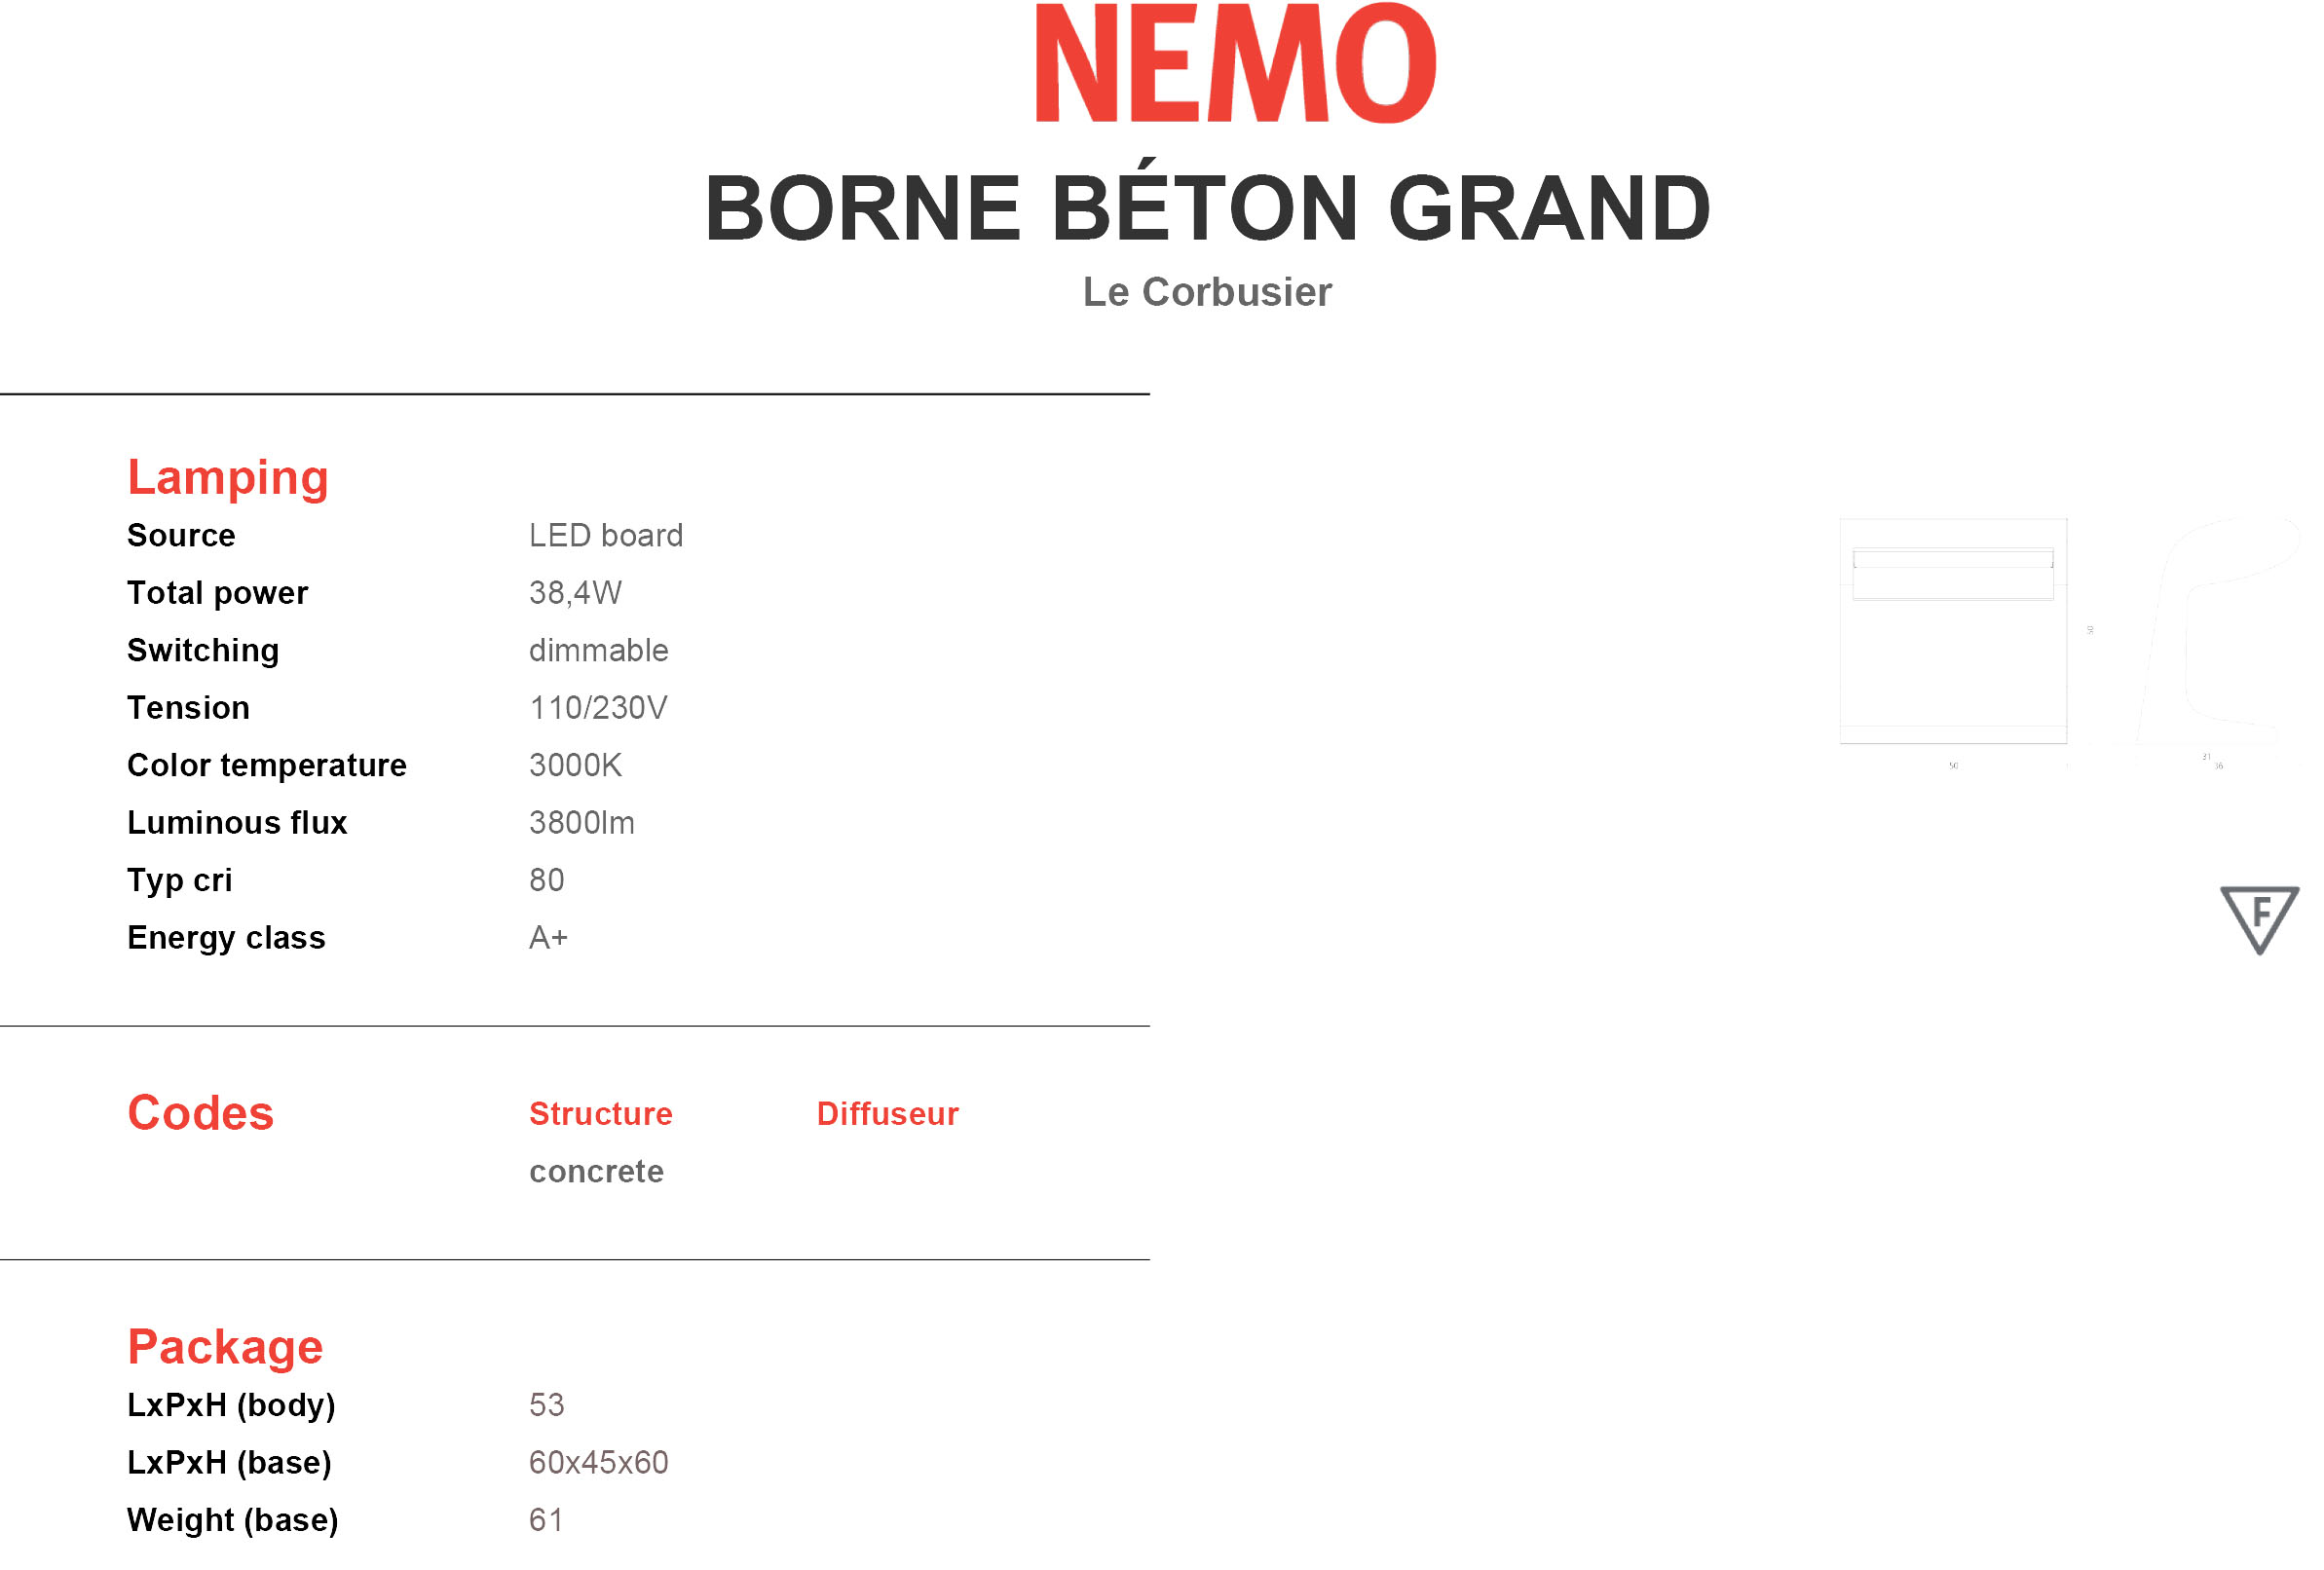 Nemo Borne Béton Grande